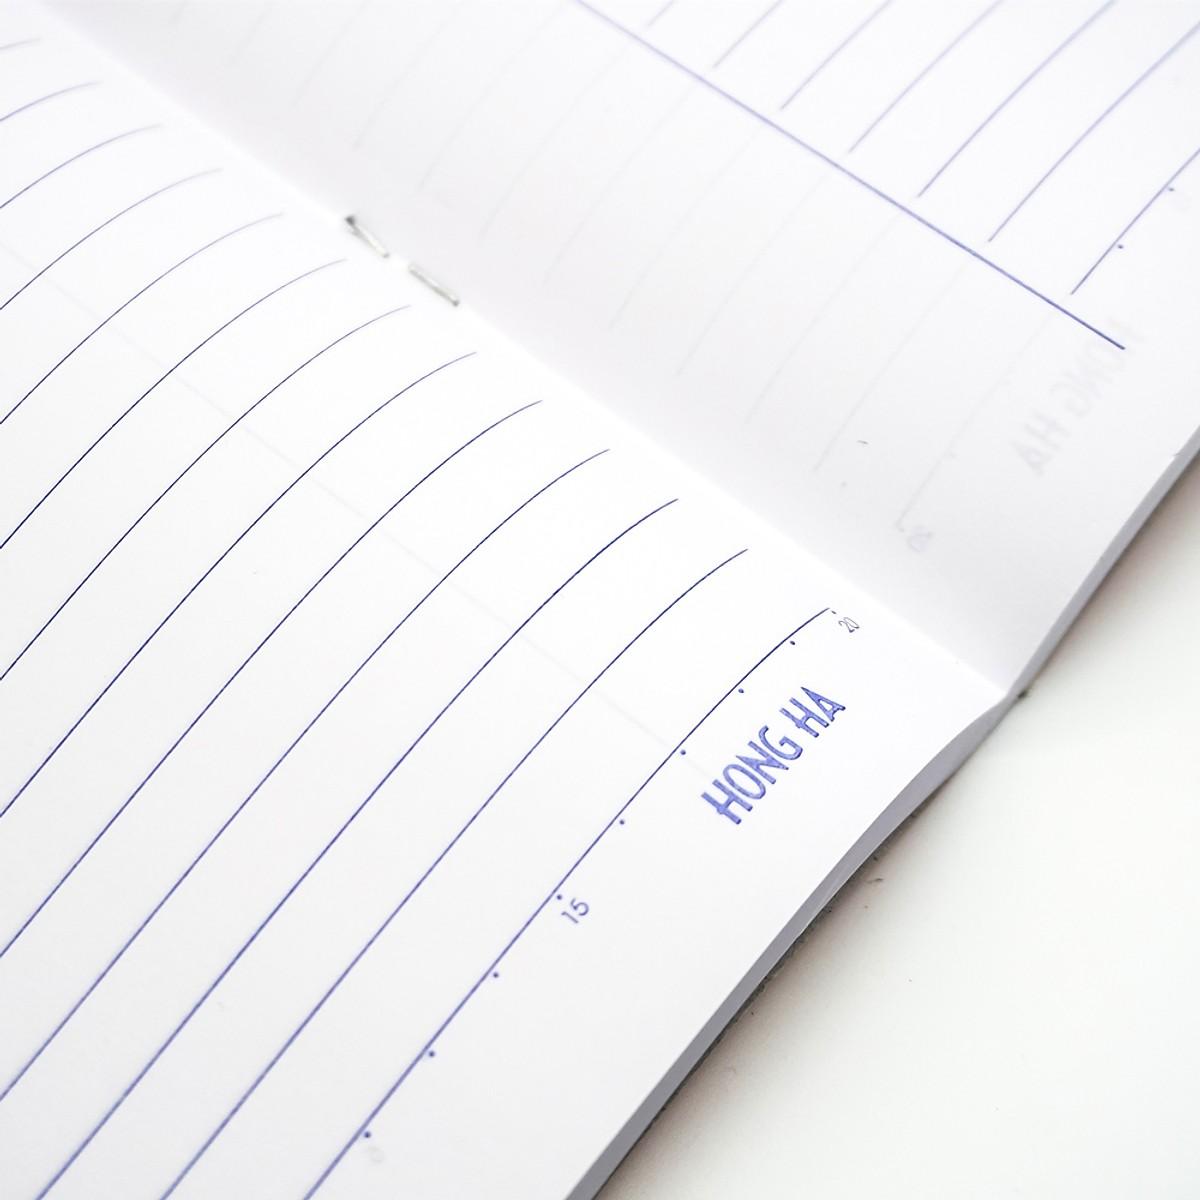 Combo 10 quyển vở kẻ ngang 120 trang Friendship 1088 (màu ngẫu nhiên)